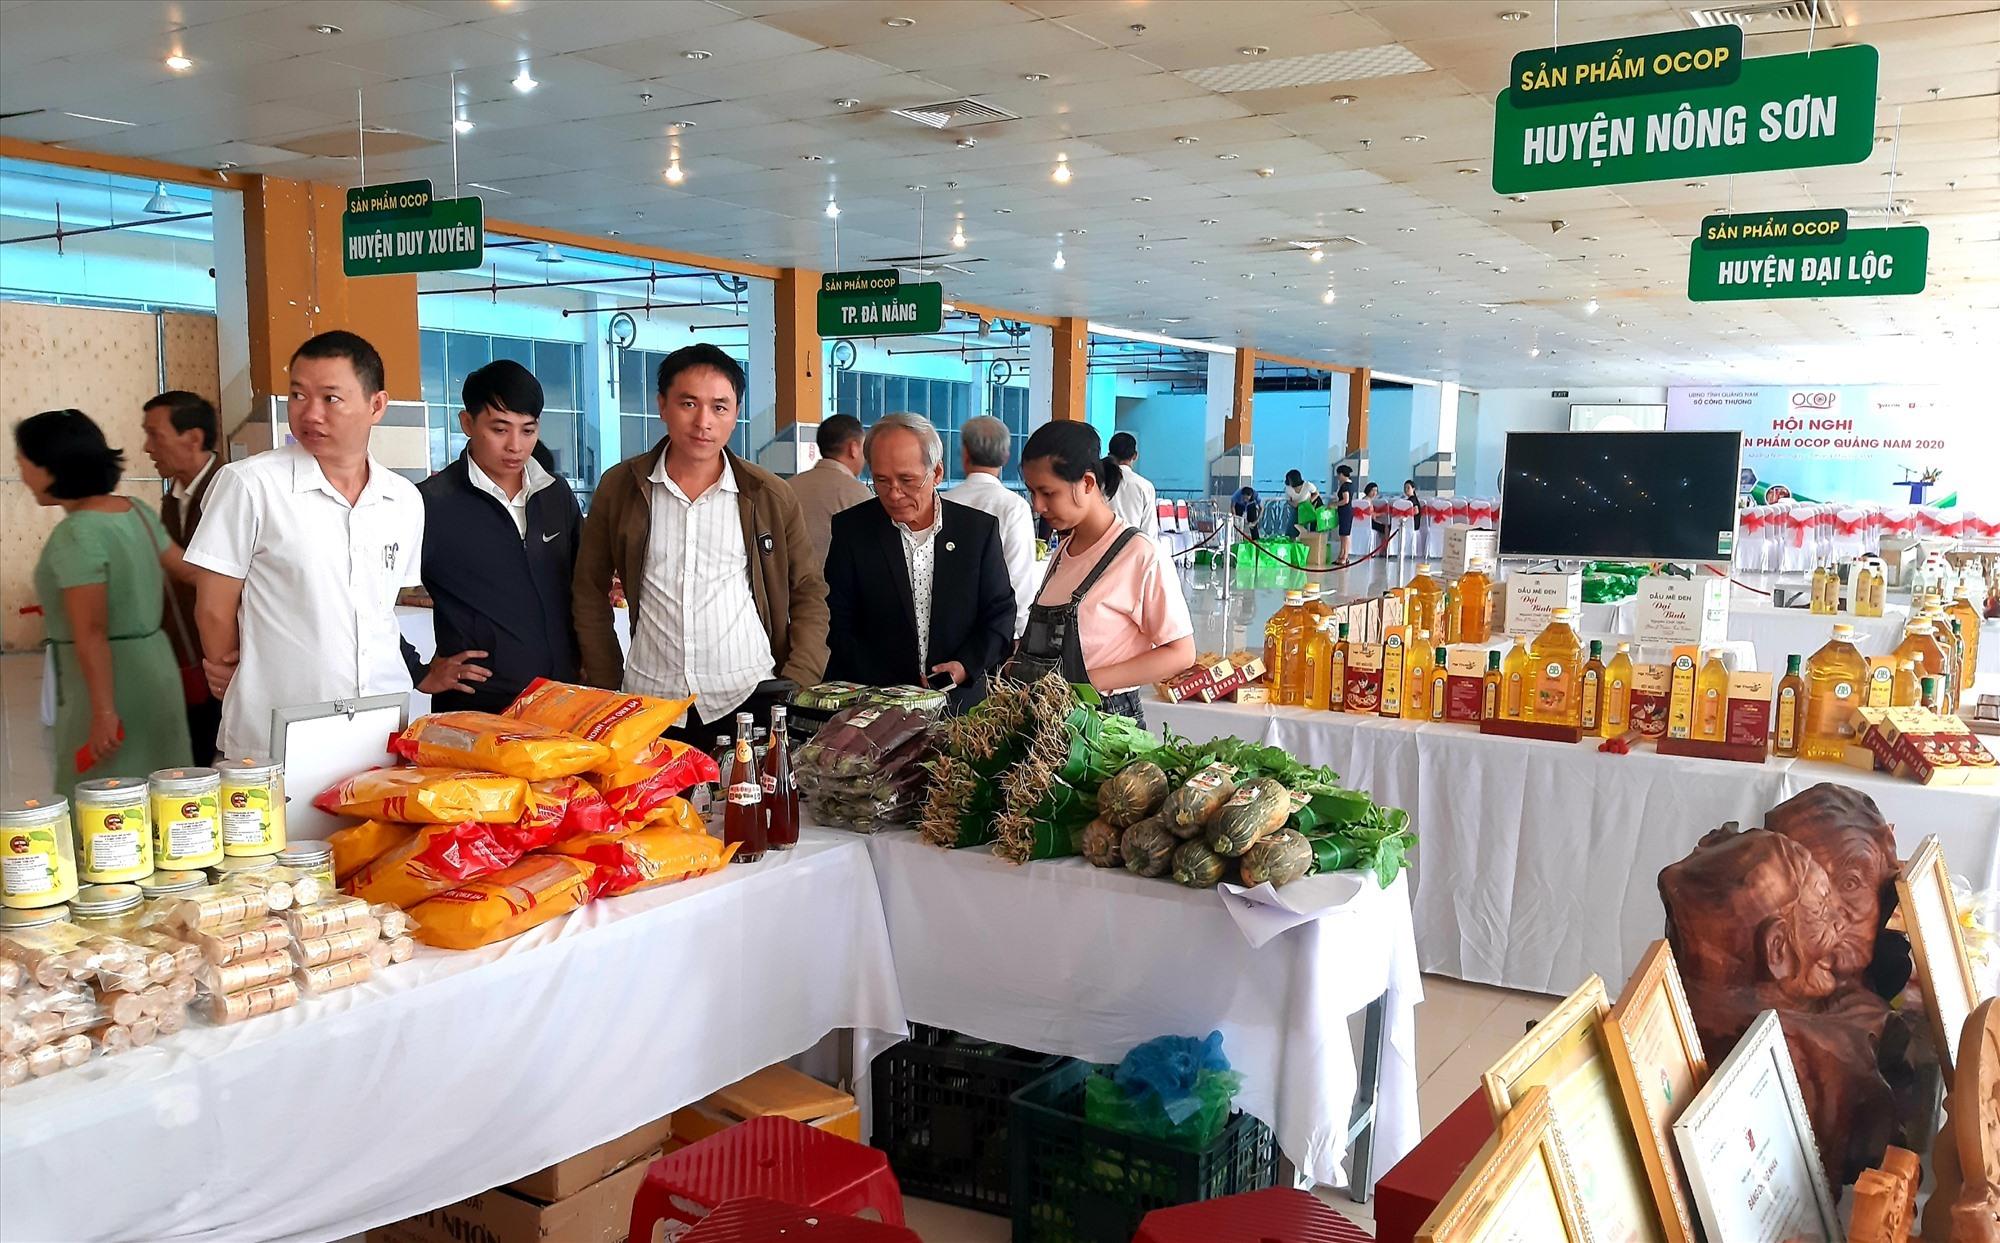 Nhiều sản phẩm OCOP tham gia trưng bày tại hội nghị. Ảnh: S.V